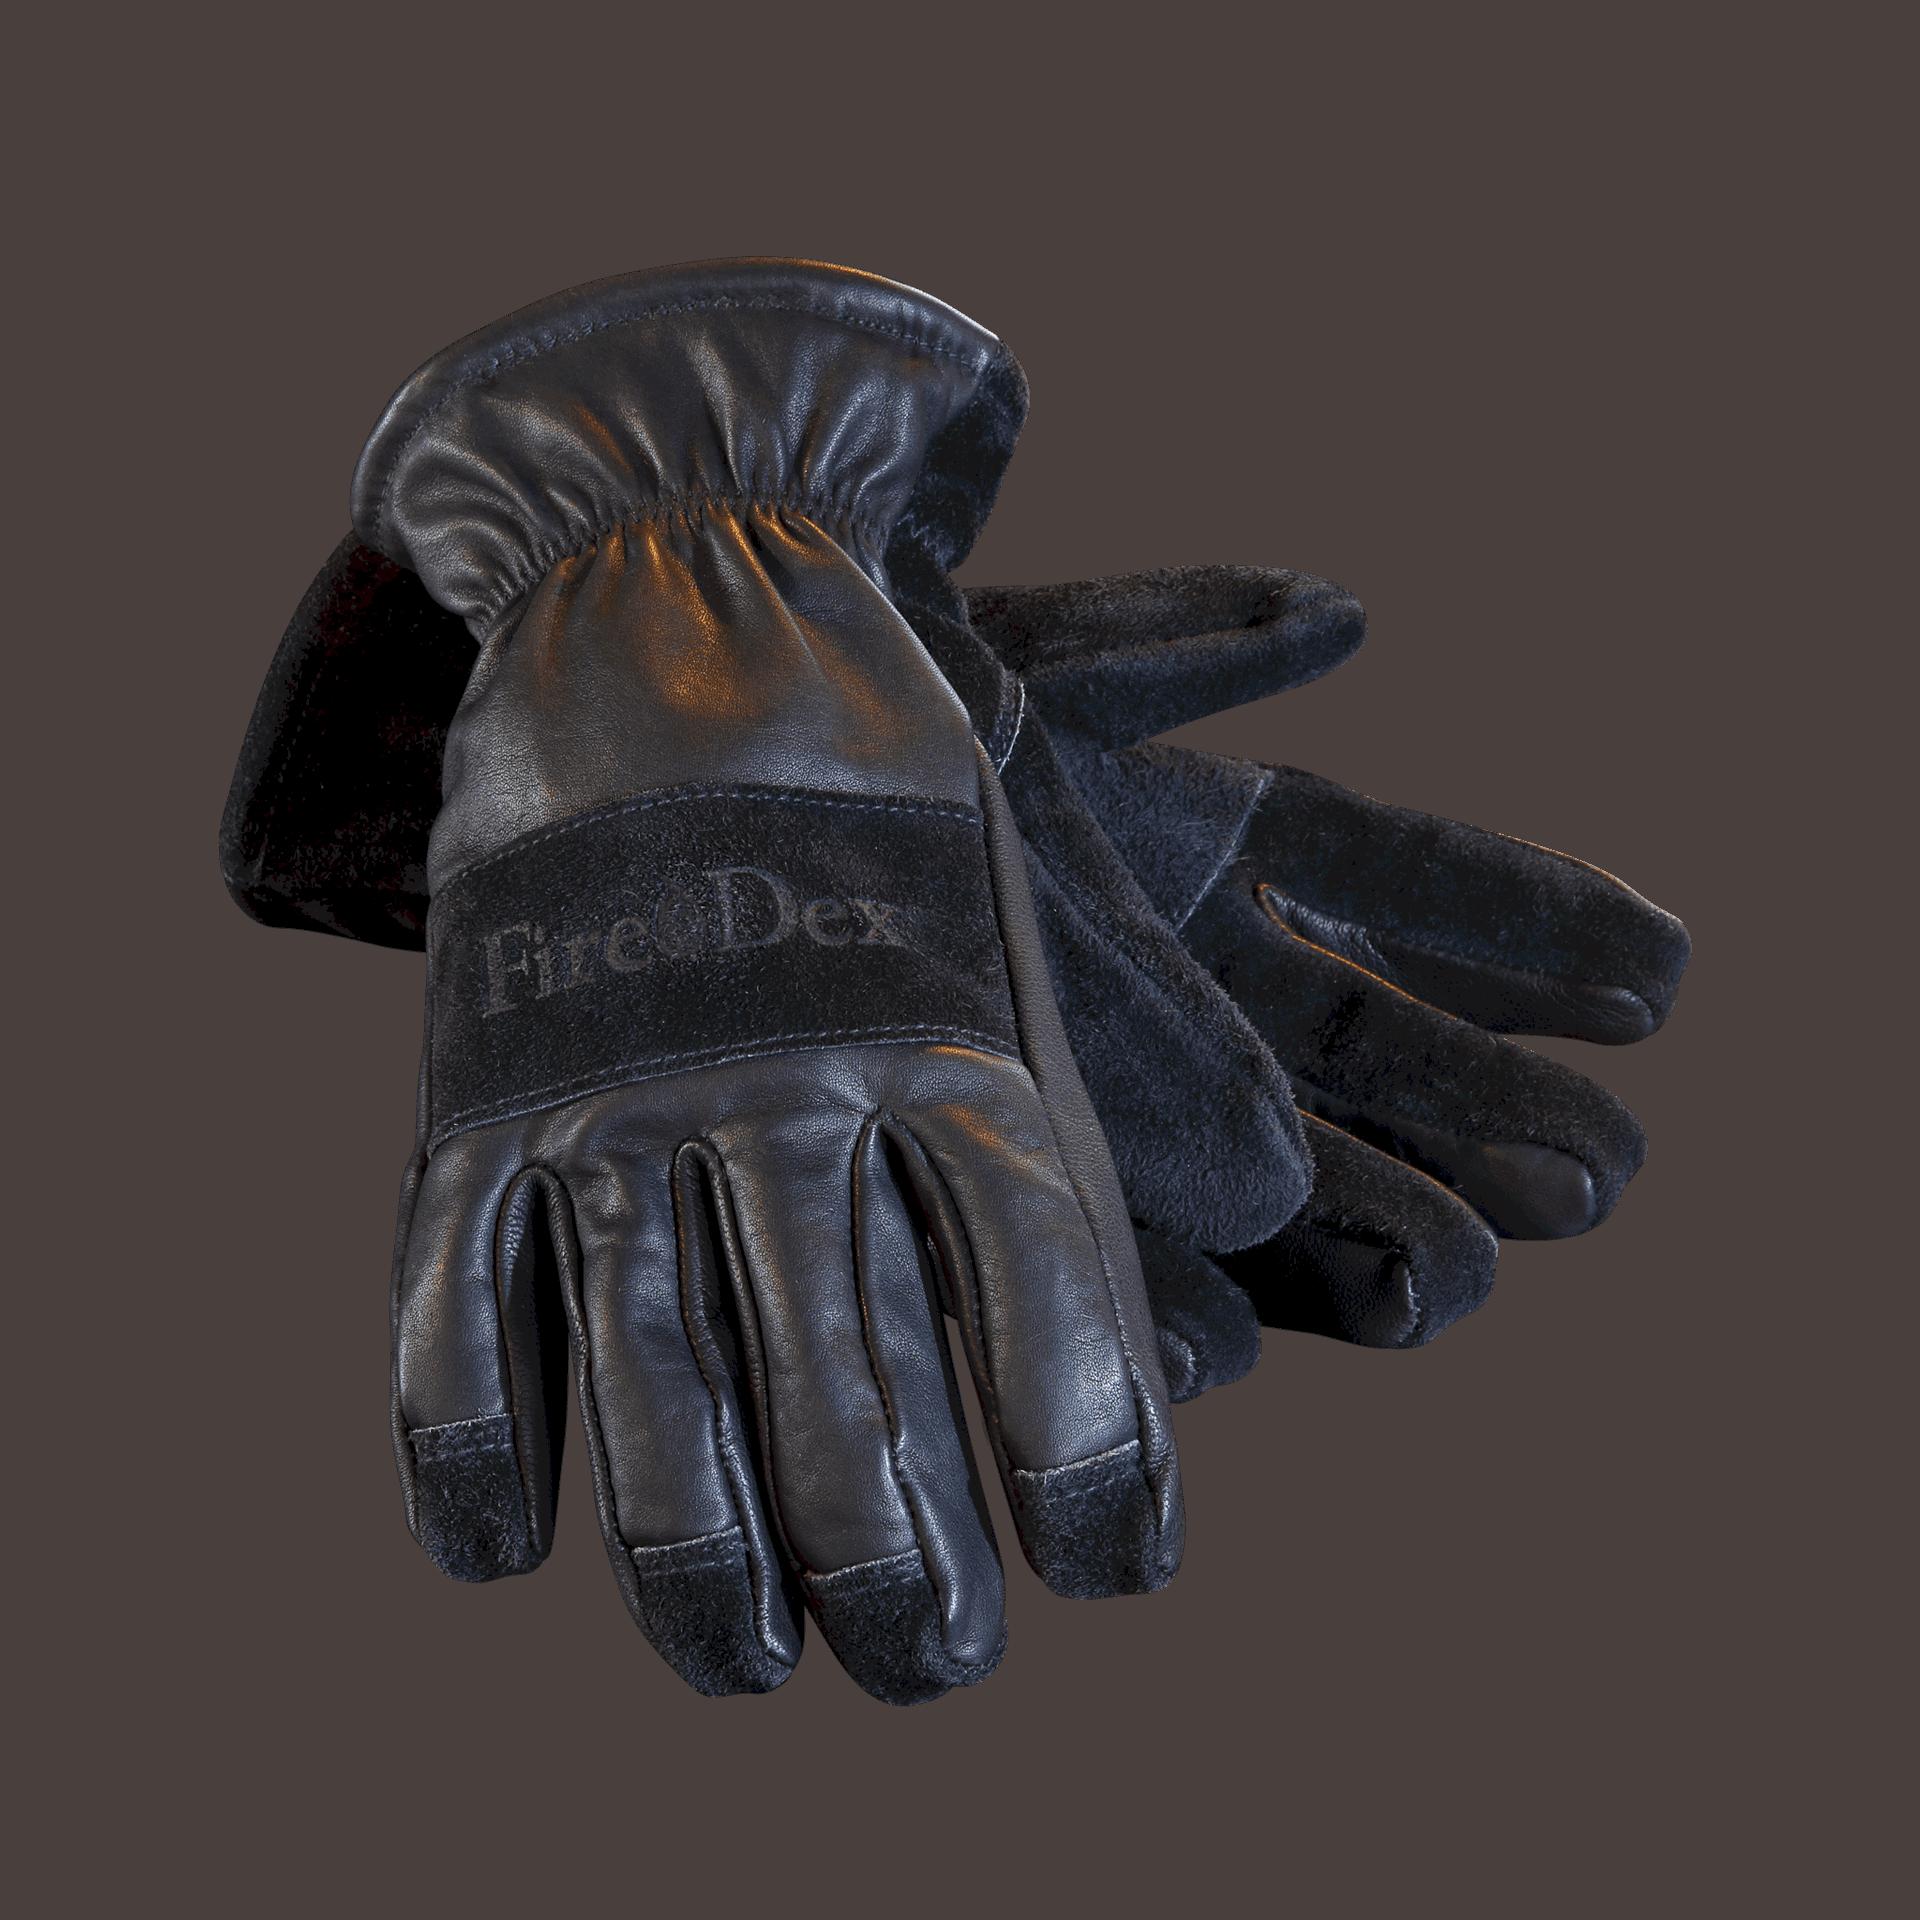 Fire-Dex Dex-Pro Gloves with gauntlet wrist